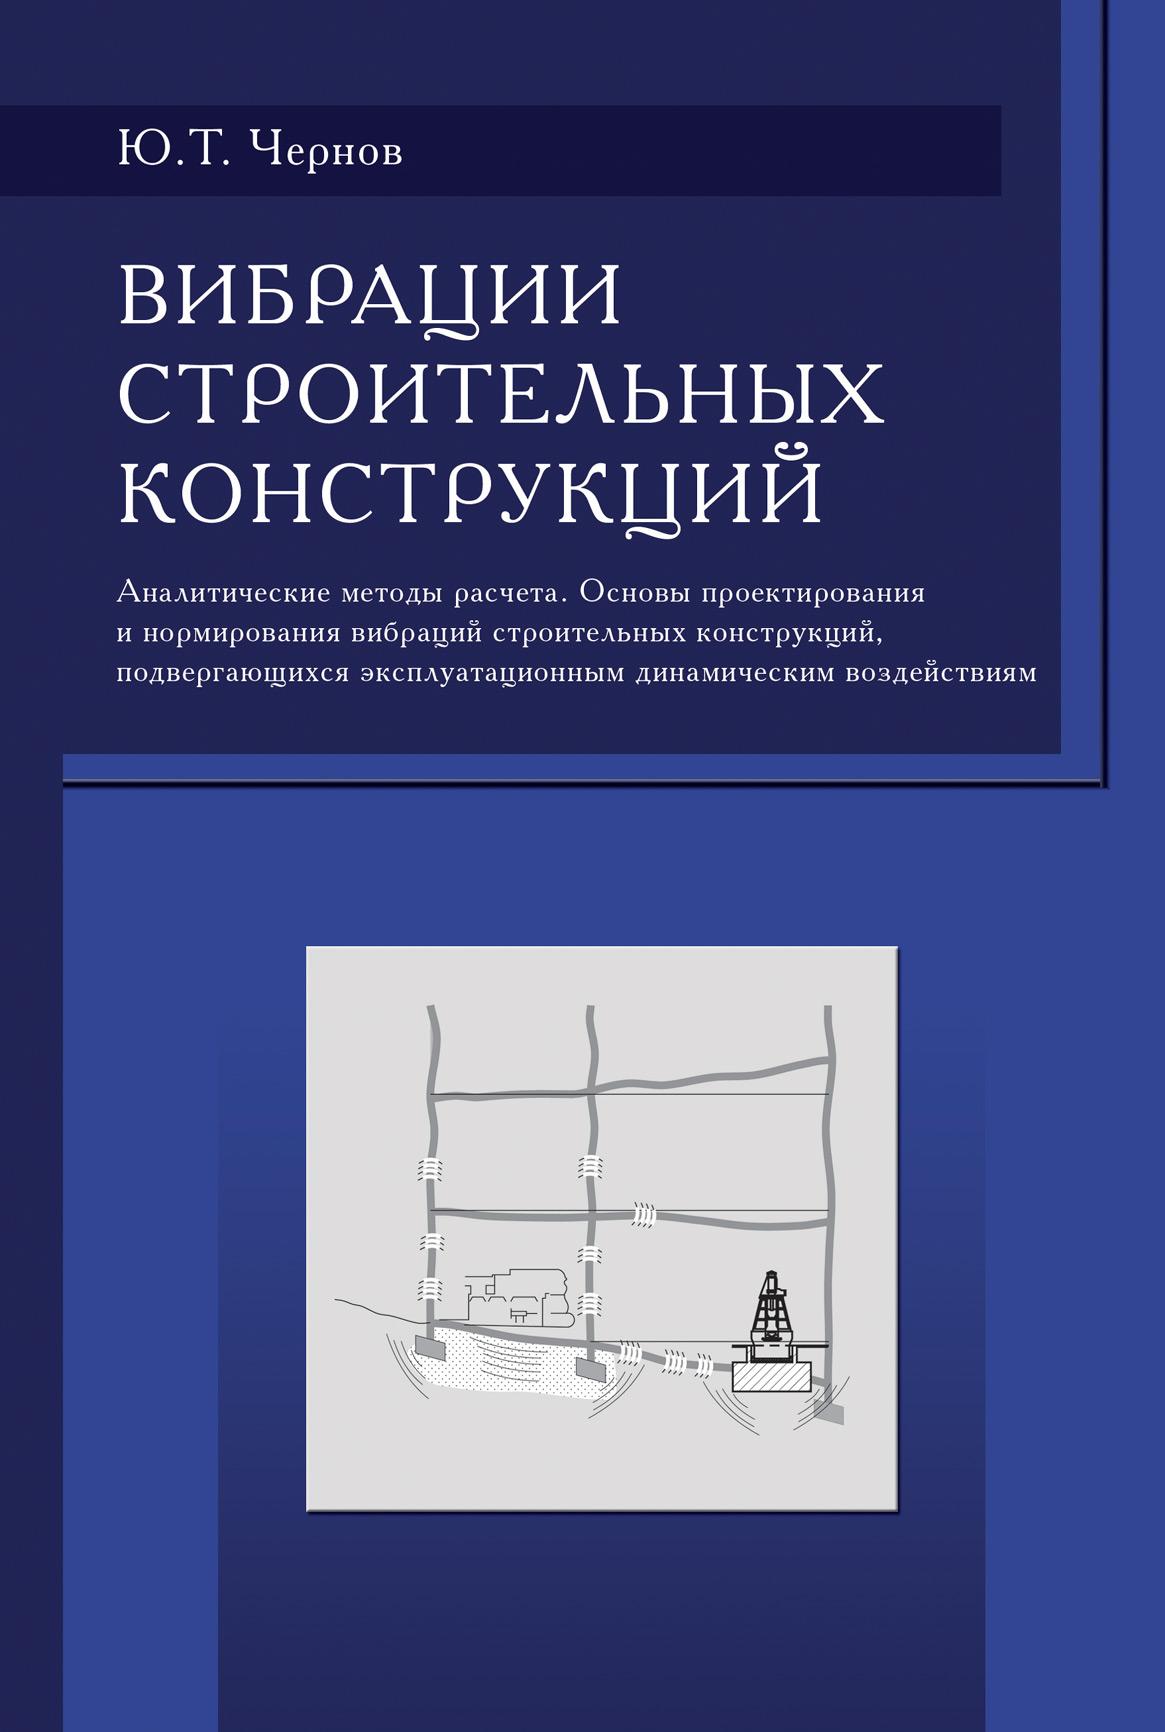 Ю. Т. Чернов Вибрации строительных конструкций (Аналитические методы расчета. Основы проектирования и нормирования вибраций строительных конструкций, подвергающихся эксплуатационным динамическим воздействиям)